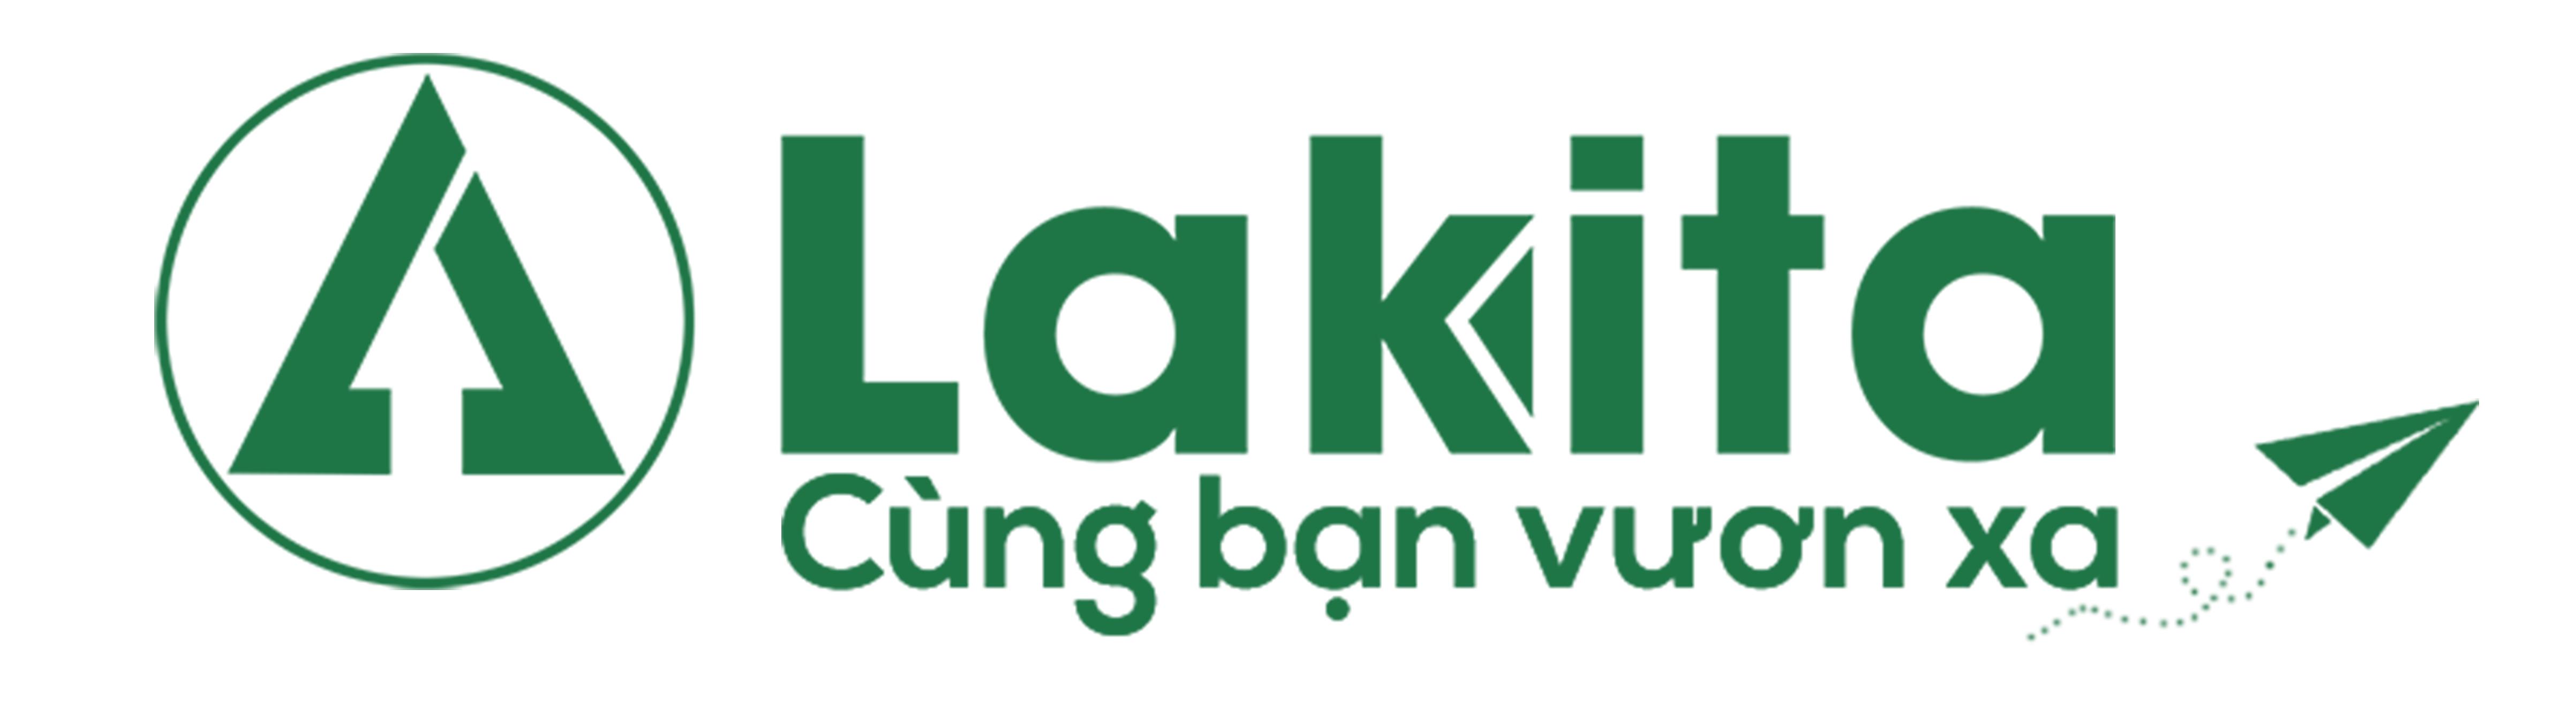 Lakitavn